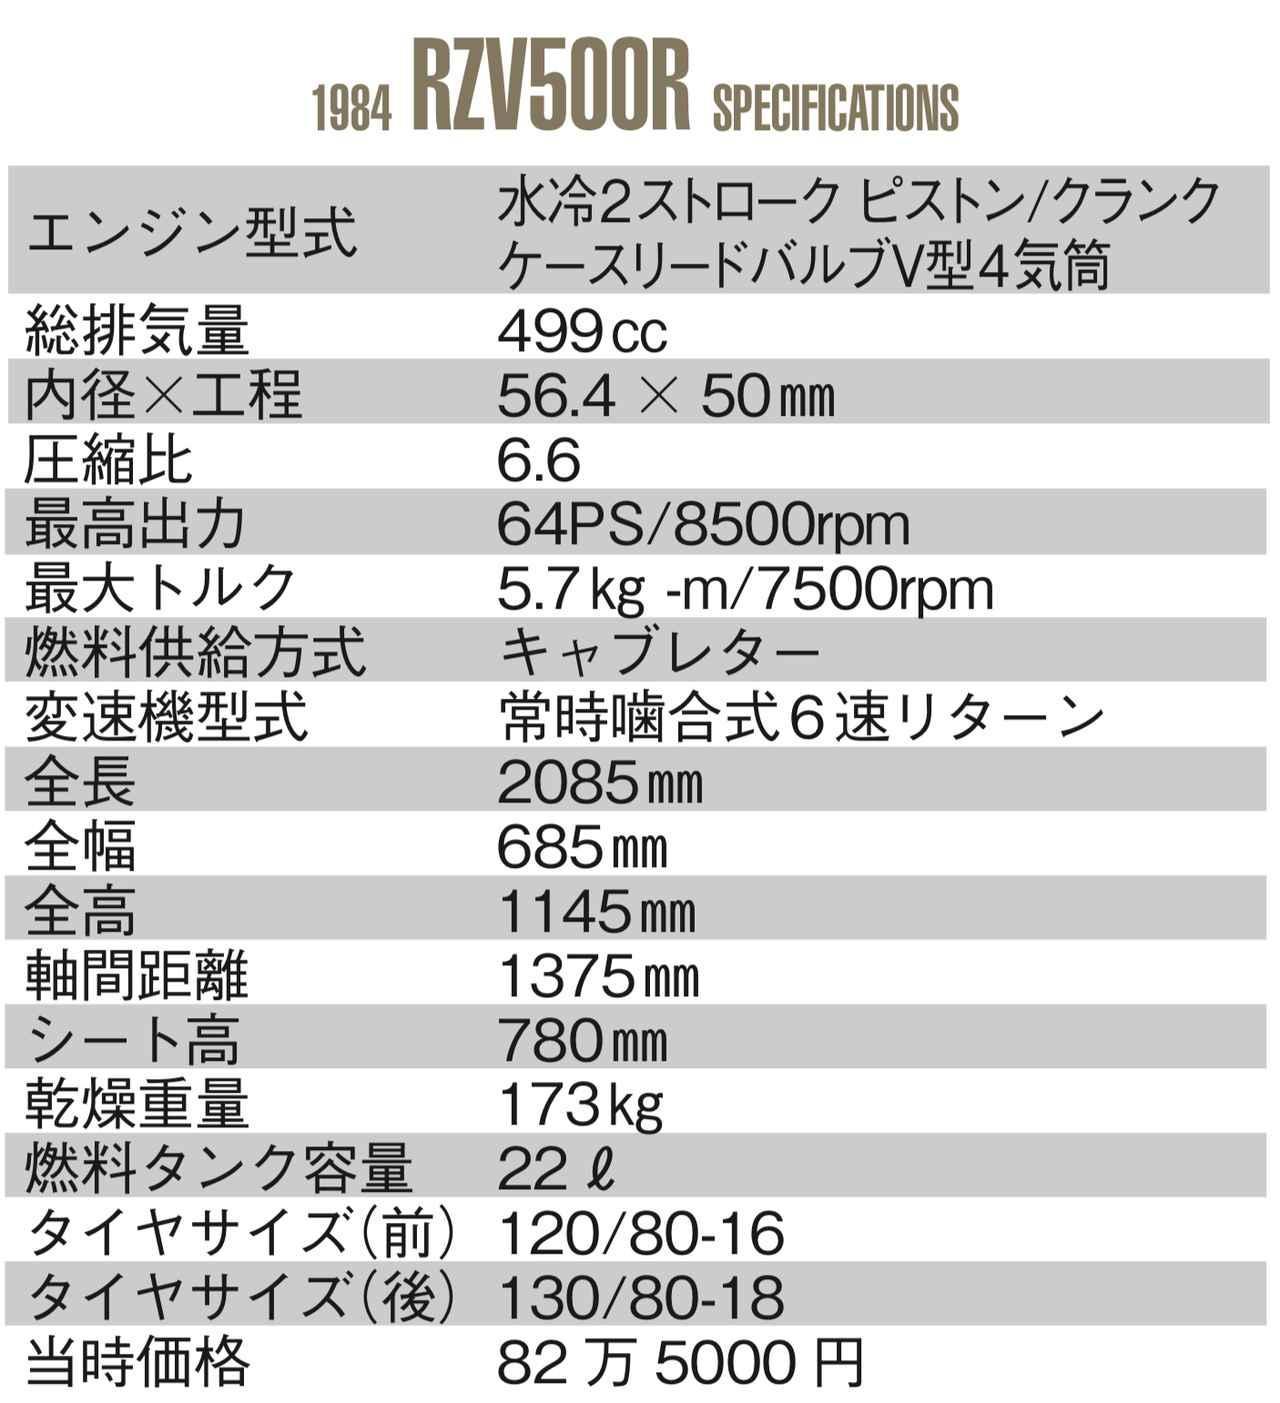 画像: 水冷2ストローク ピストン/クランク ケースリードバルブV型4気筒 総排気量 499 cc 内径╳工程 56.4 ╳ 50 mm 圧縮比 6.6 最高出力 64PS/8500rpm 最大トルク 5.7kg -m/7500rpm